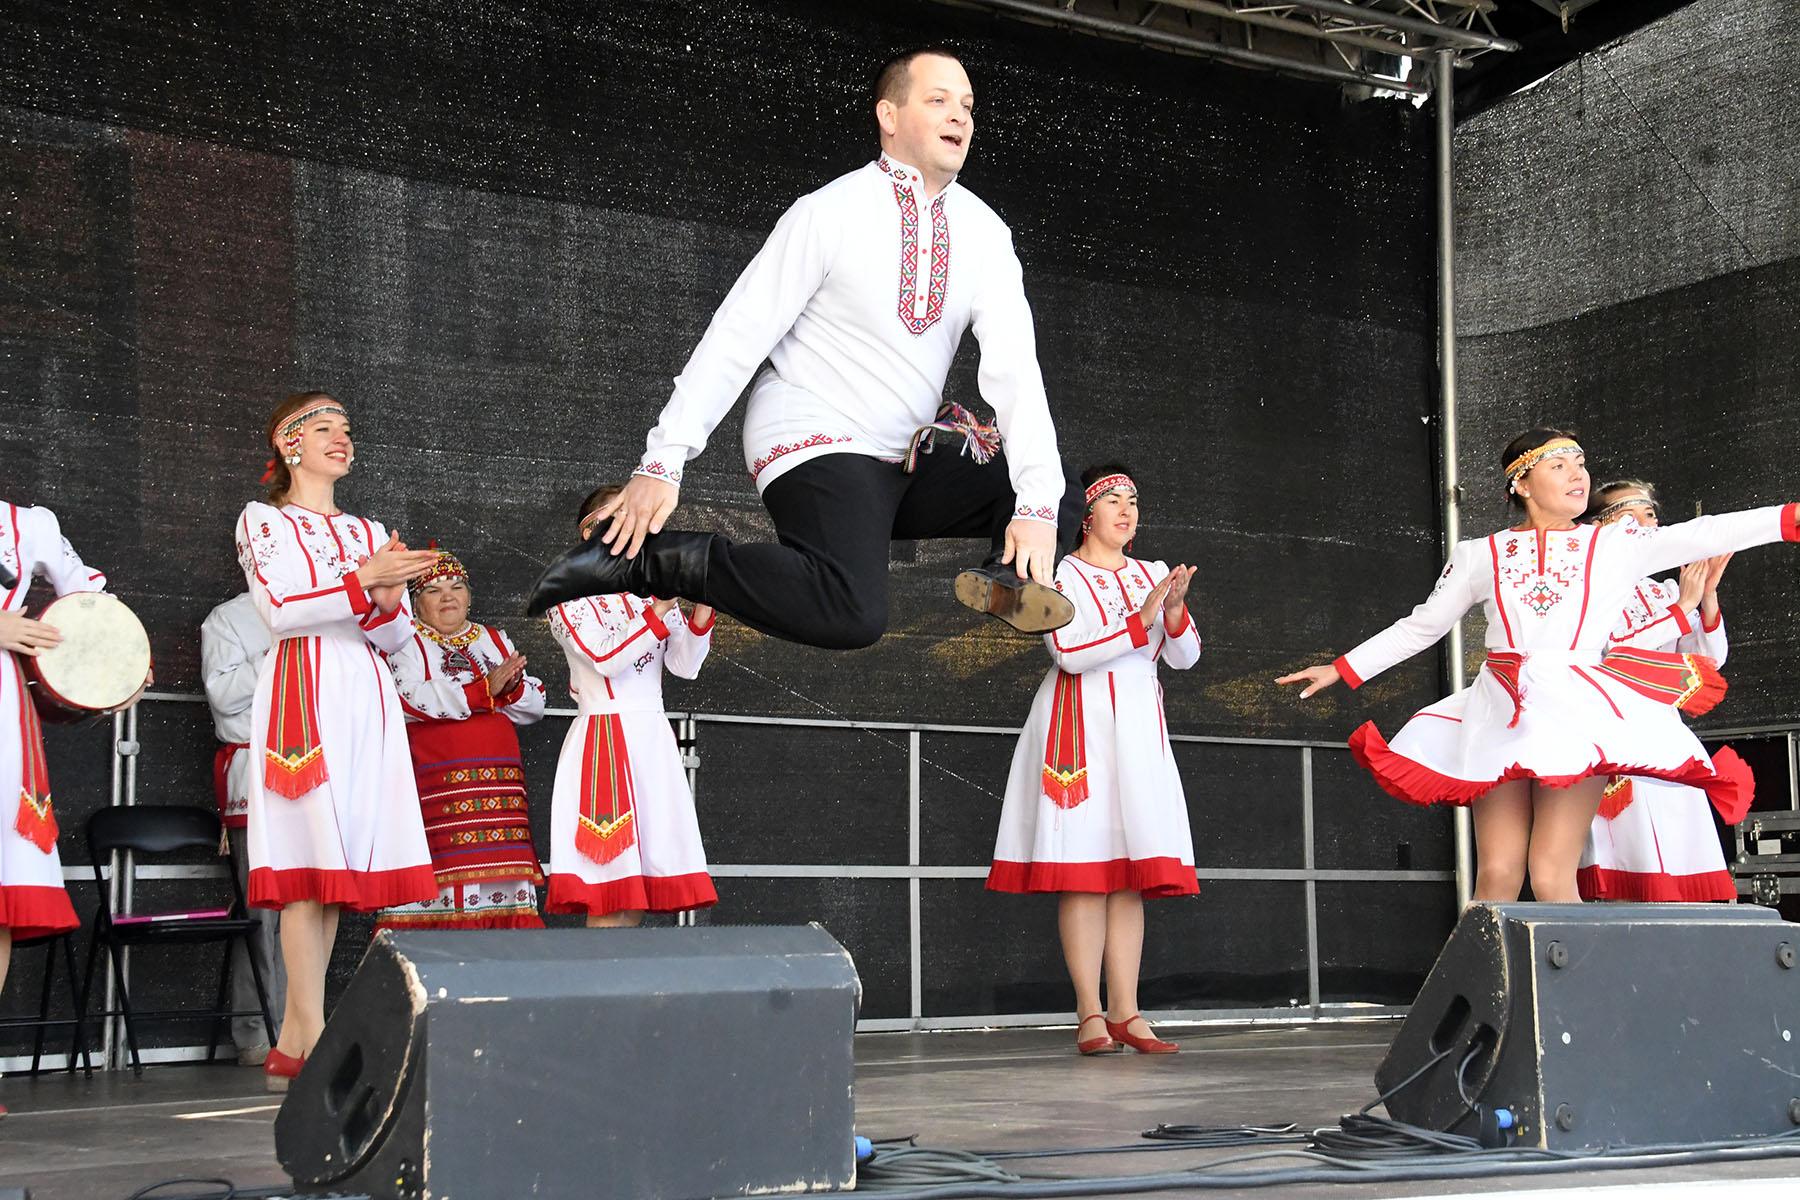 Raekoja platsil Eesti rahvusvähemuste päevale pühendatud kontserdil. Foto Urmas Saard